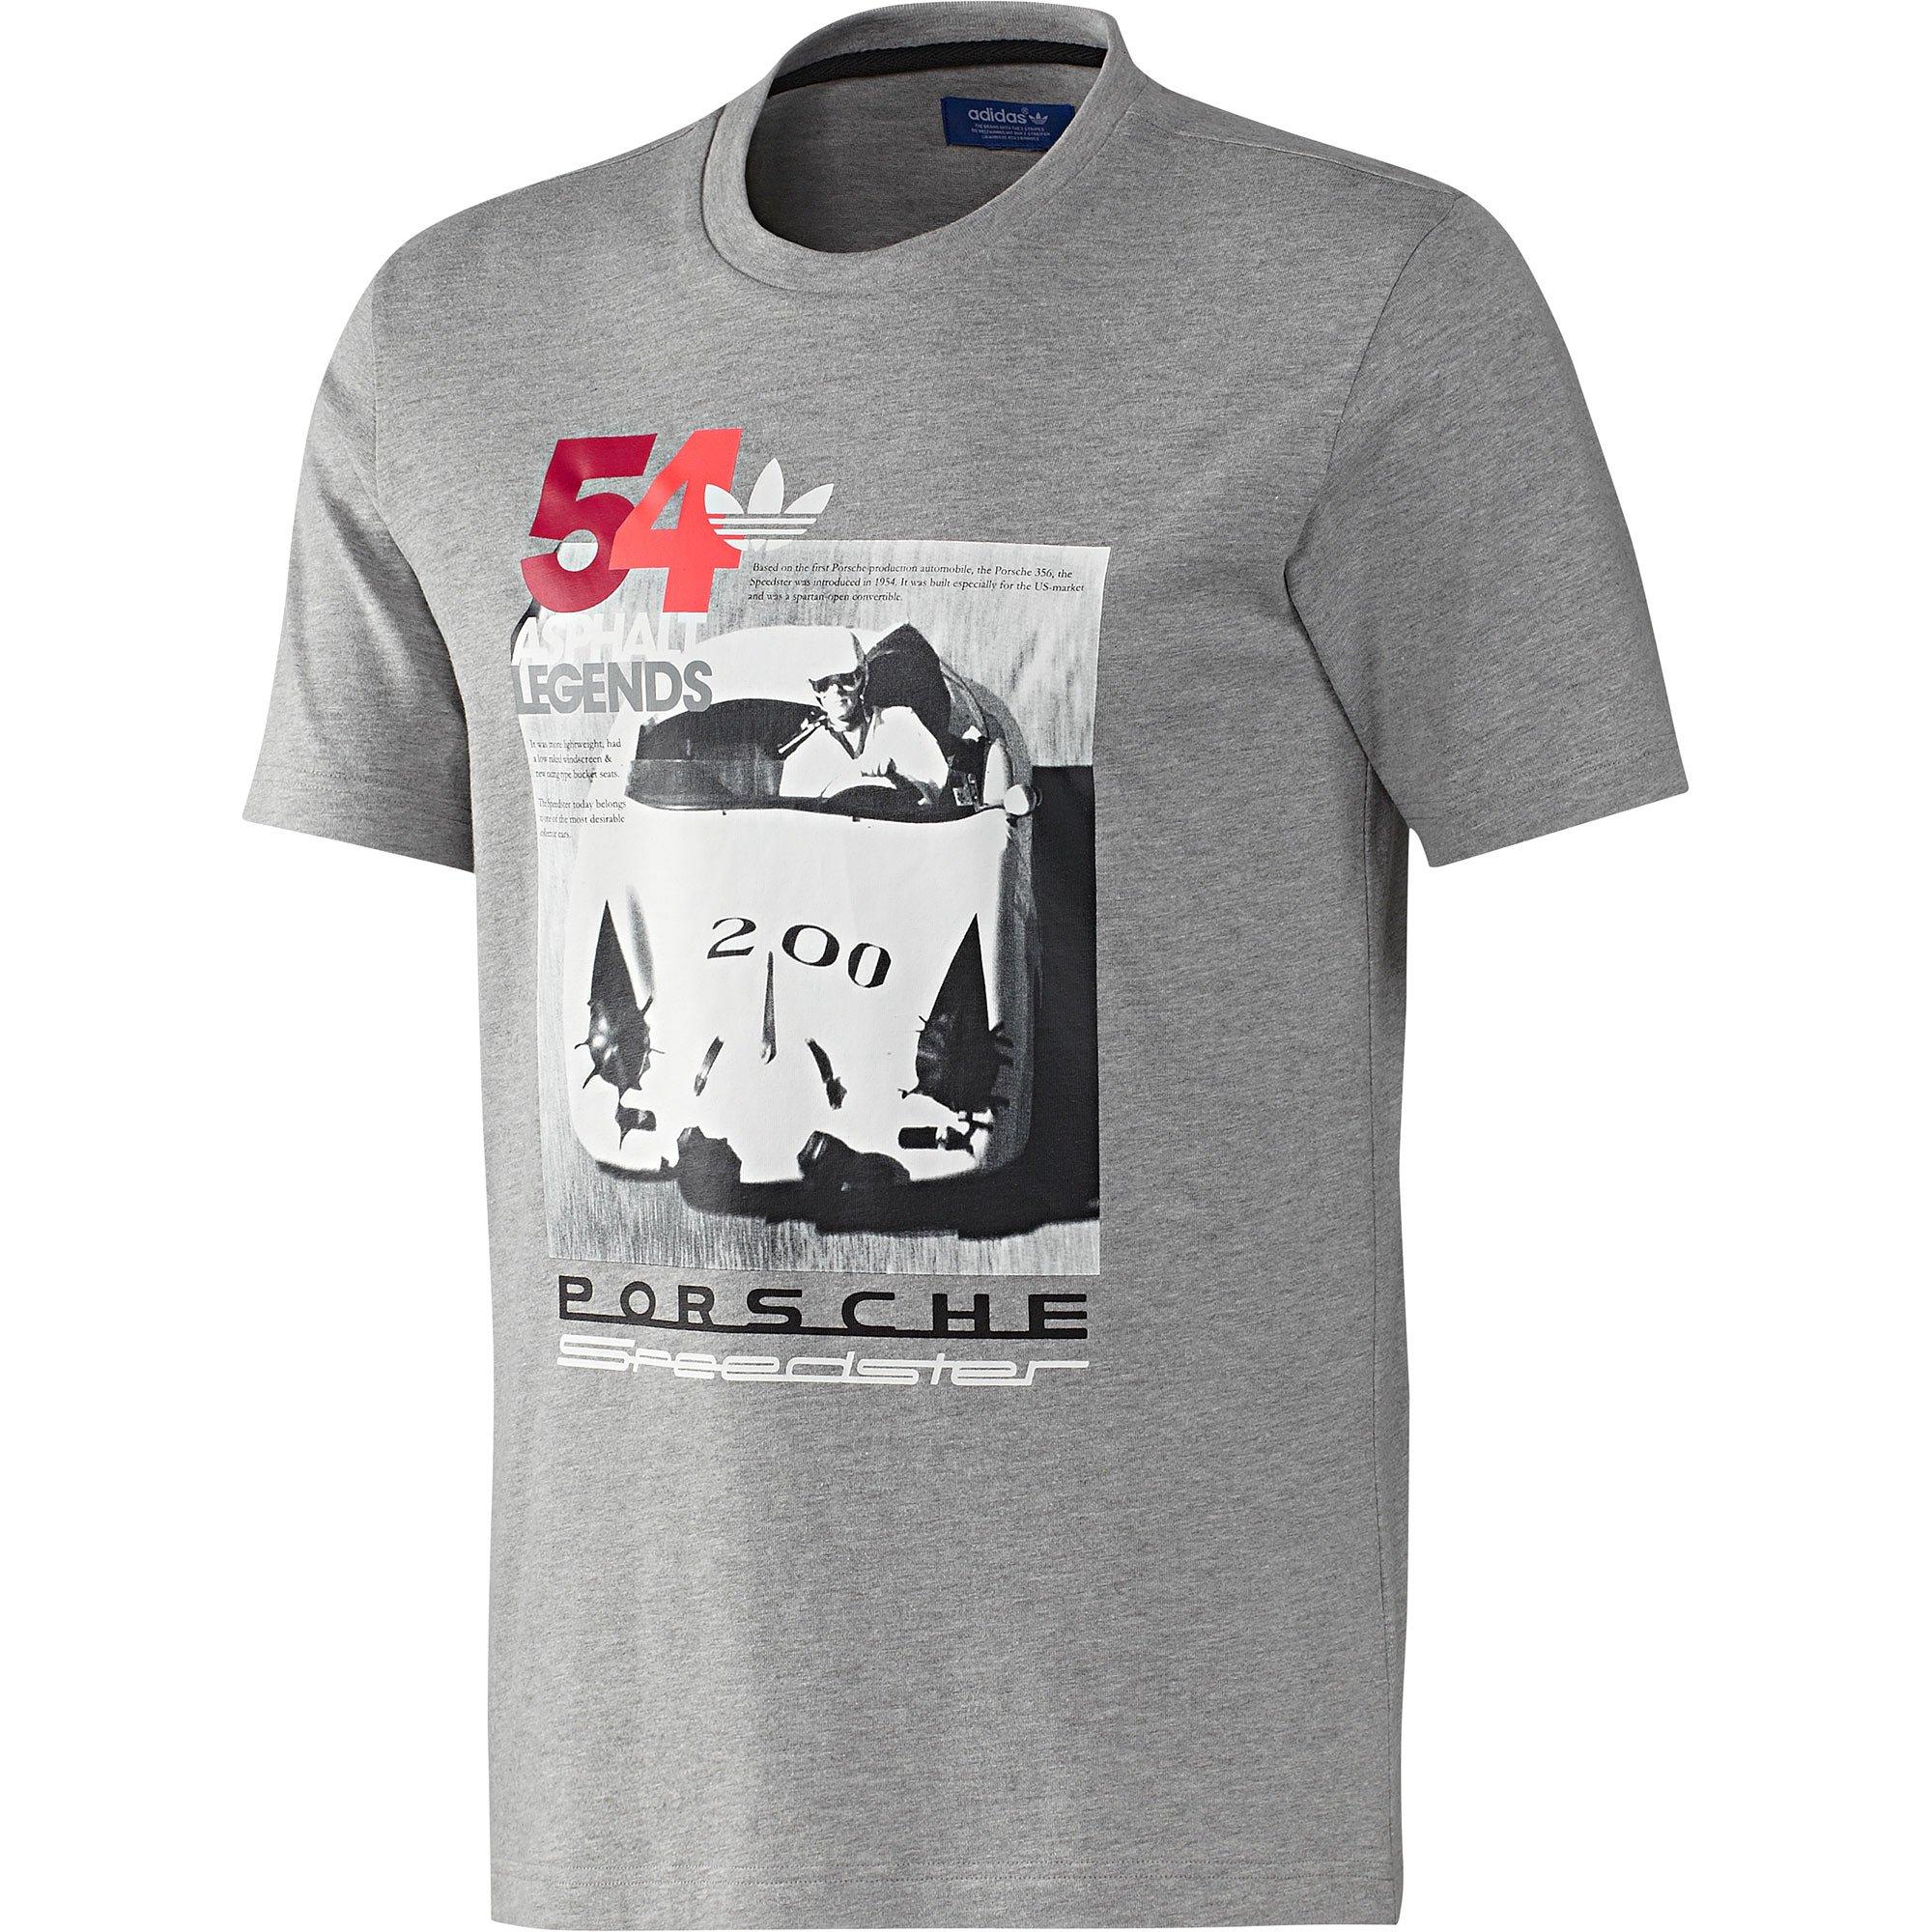 Adidas Speedster T-Shirt III